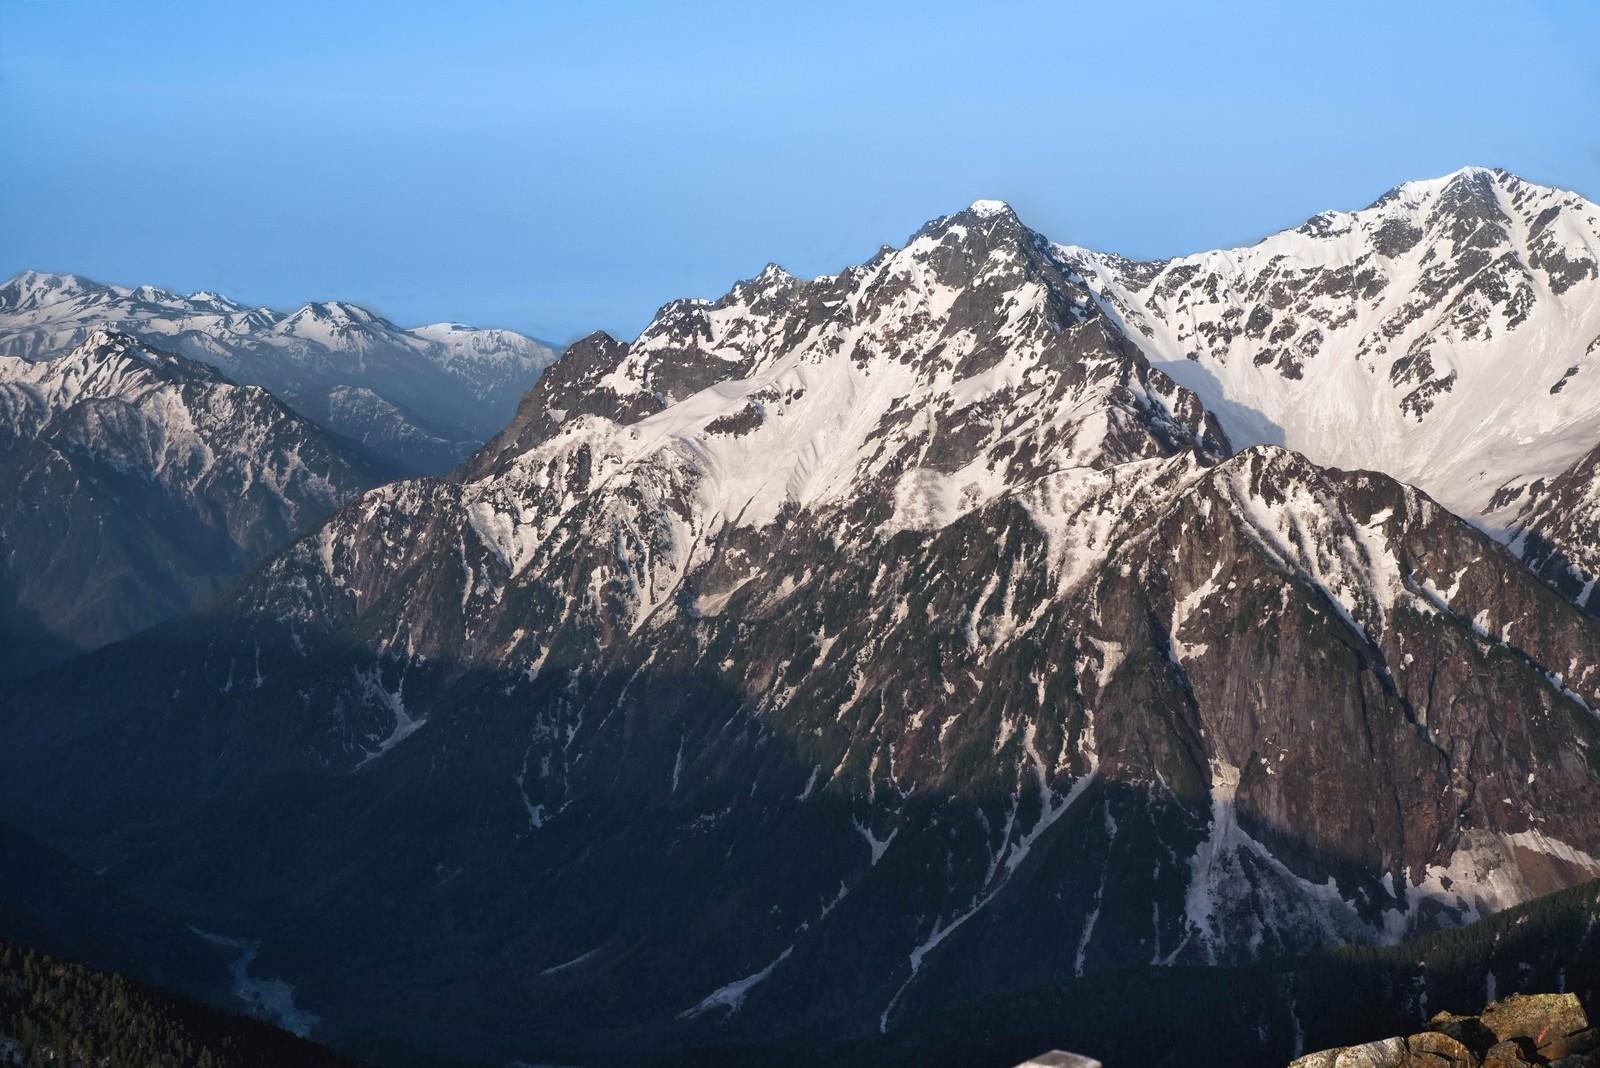 「穂高岳の岩壁に残る雪」の写真